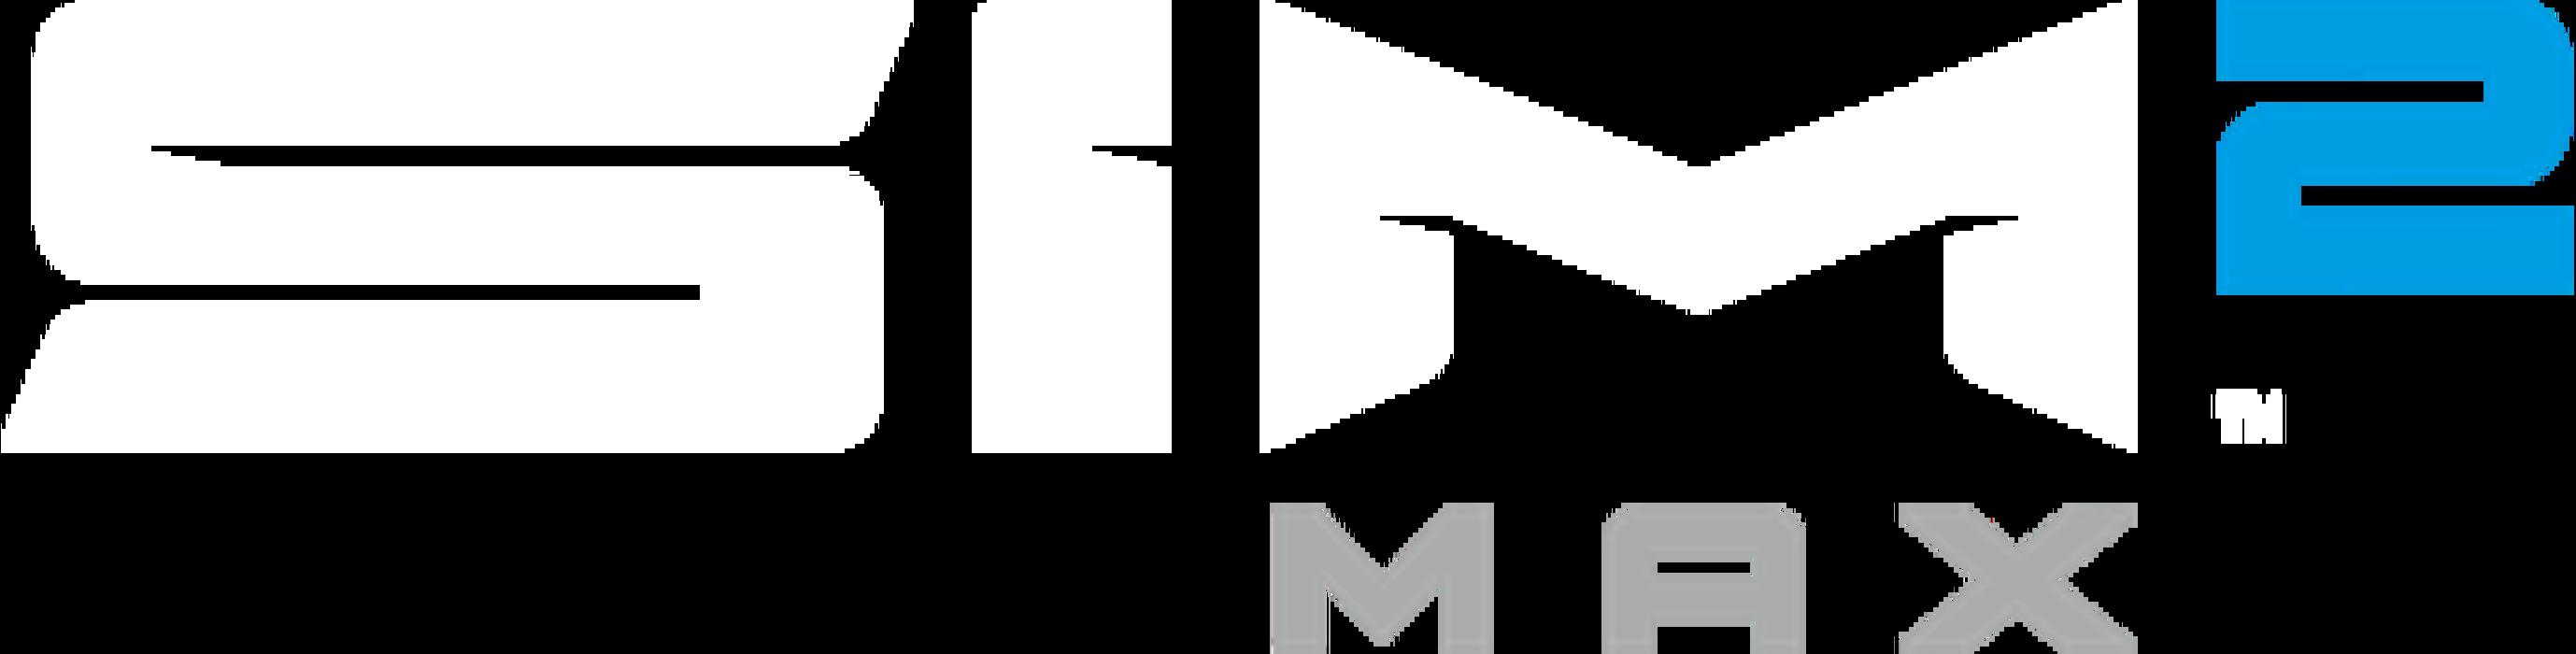 SIM2 MAX Logo Wht